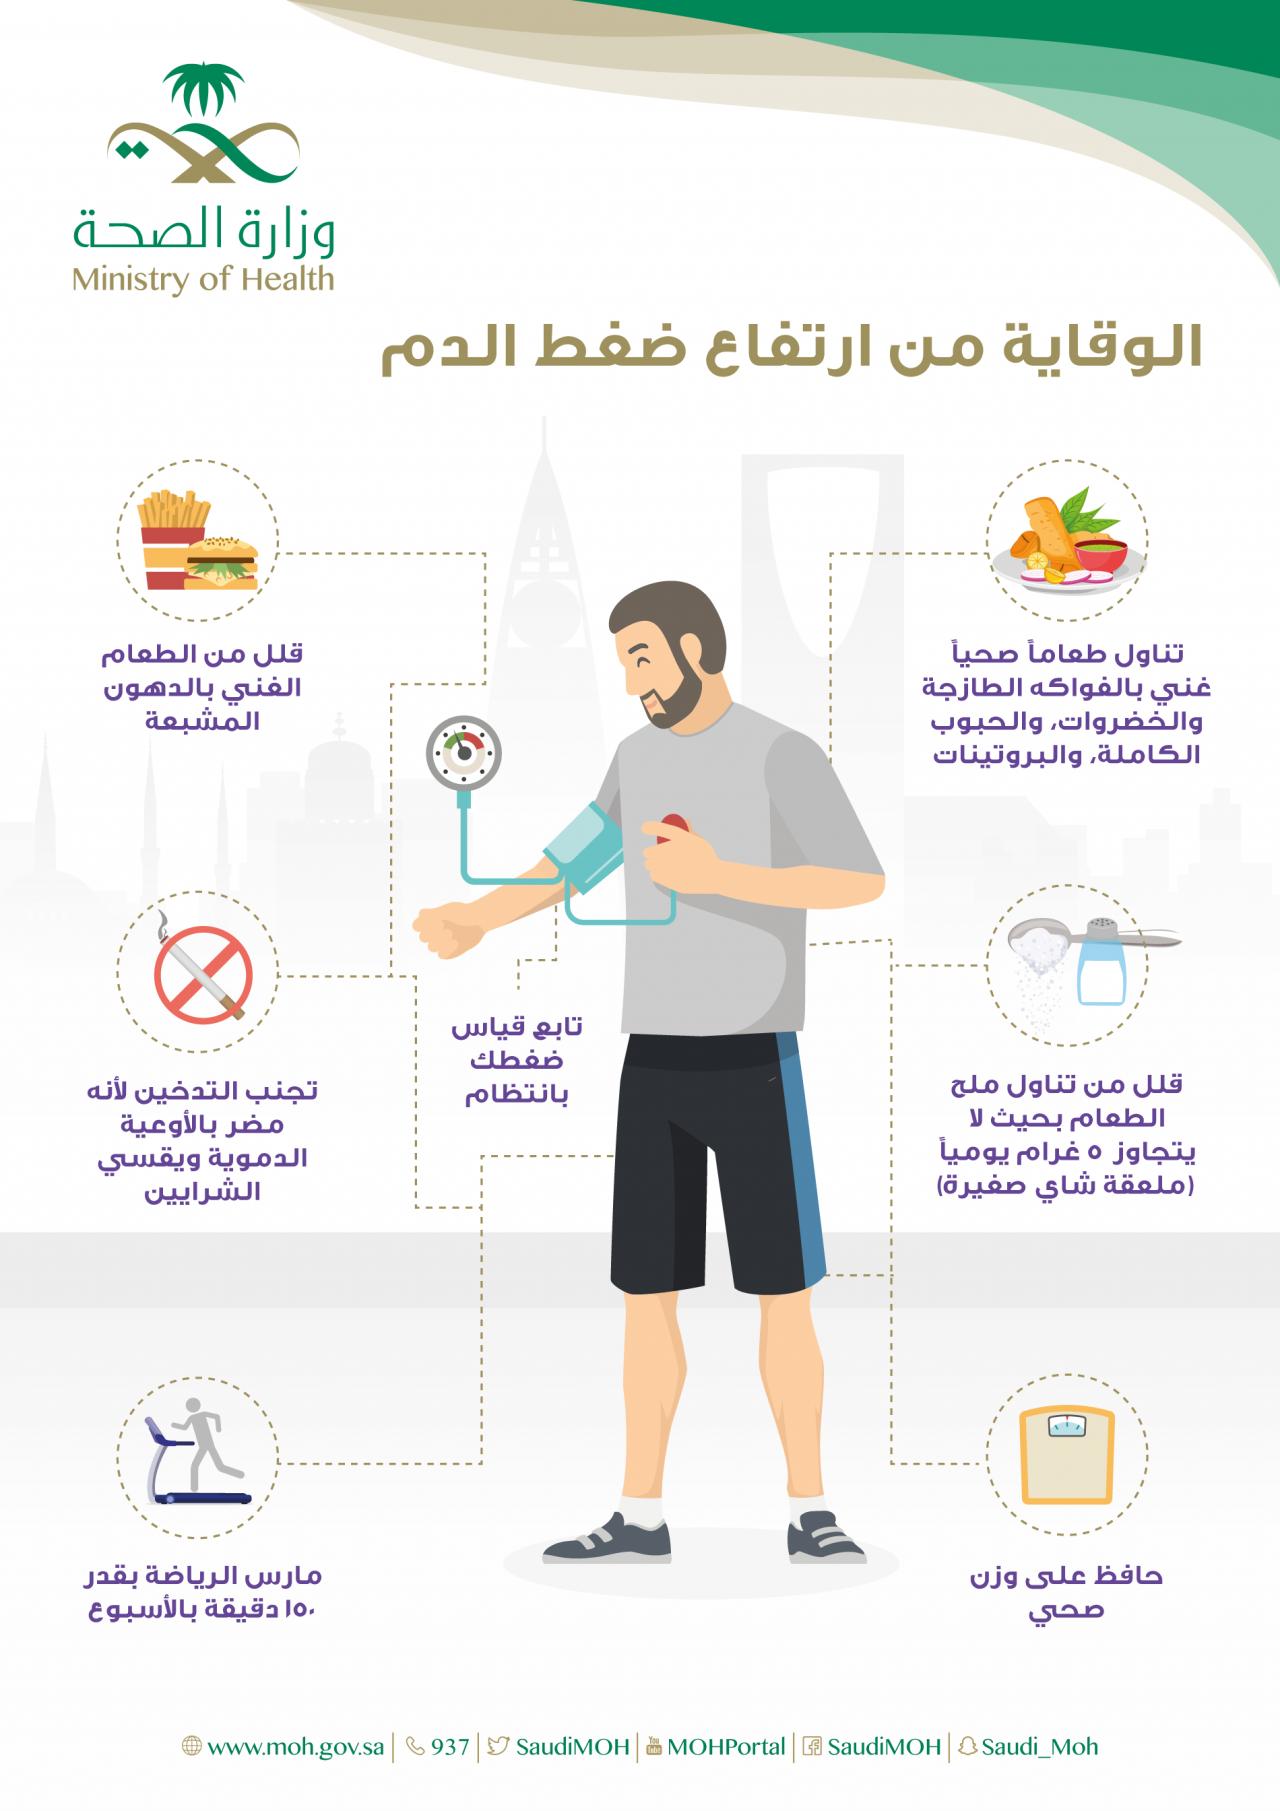 صورة اعراض ارتفاع ضغط الدم , اشهر علامات مرض ارتفاع ضغط الدم